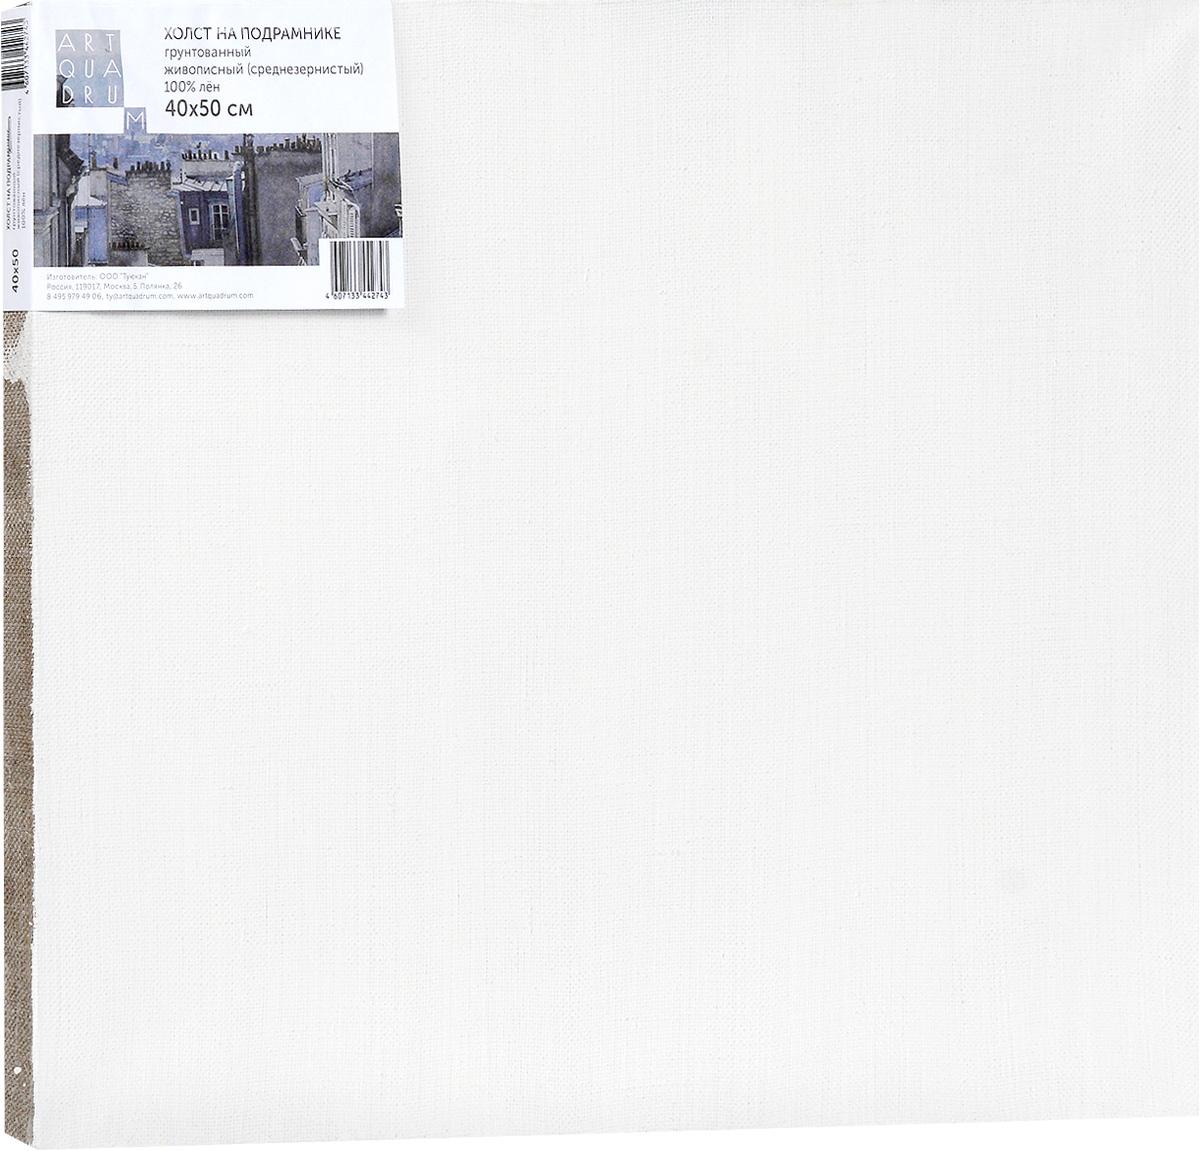 Холст ArtQuaDram Живописный на подрамнике, грунтованный, 40 х 50 смТ0003745Холст на деревянном подрамнике ArtQuaDram Живописный изготовлен из 100% натурального льна. Подходит для профессионалов и художников. Холст не трескается, не впитывает слишком много краски, цвет краски и качество не изменяются. Холст идеально подходит для масляной и акриловой живописи.